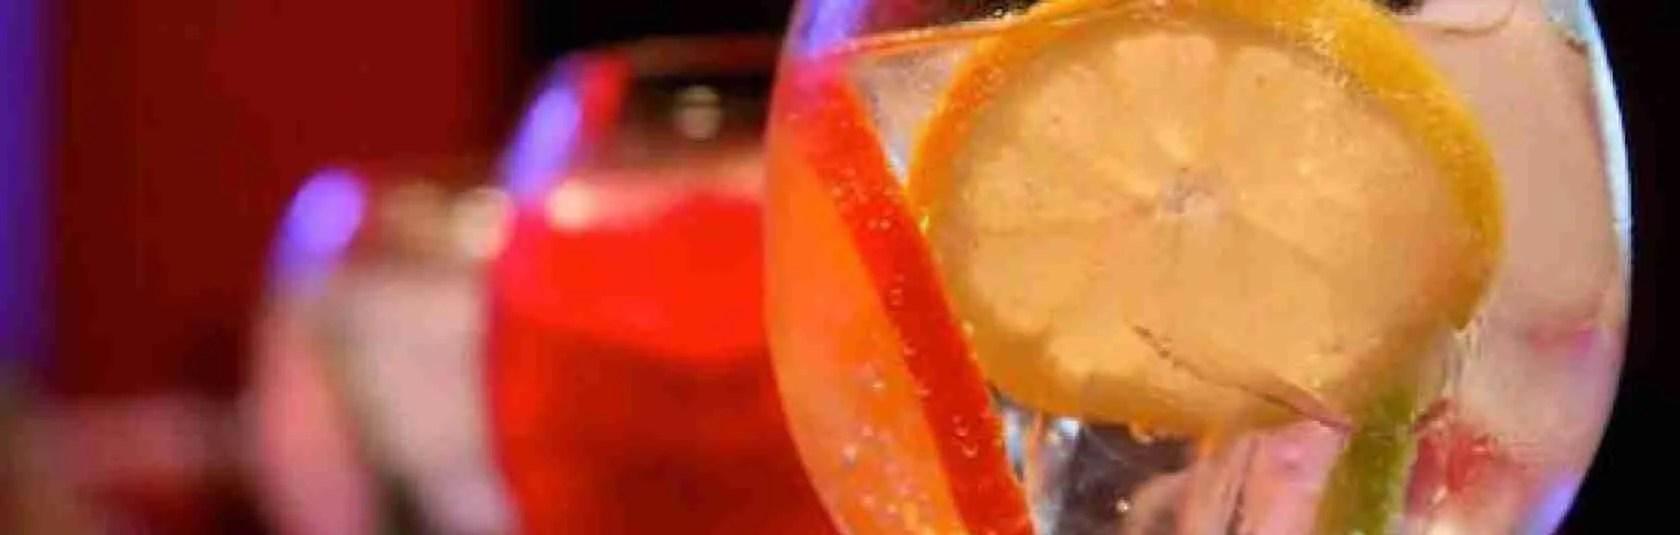 Le escort Padova amano lo spritz, il classico aperitivo che si beve a Padova. Magica Escort